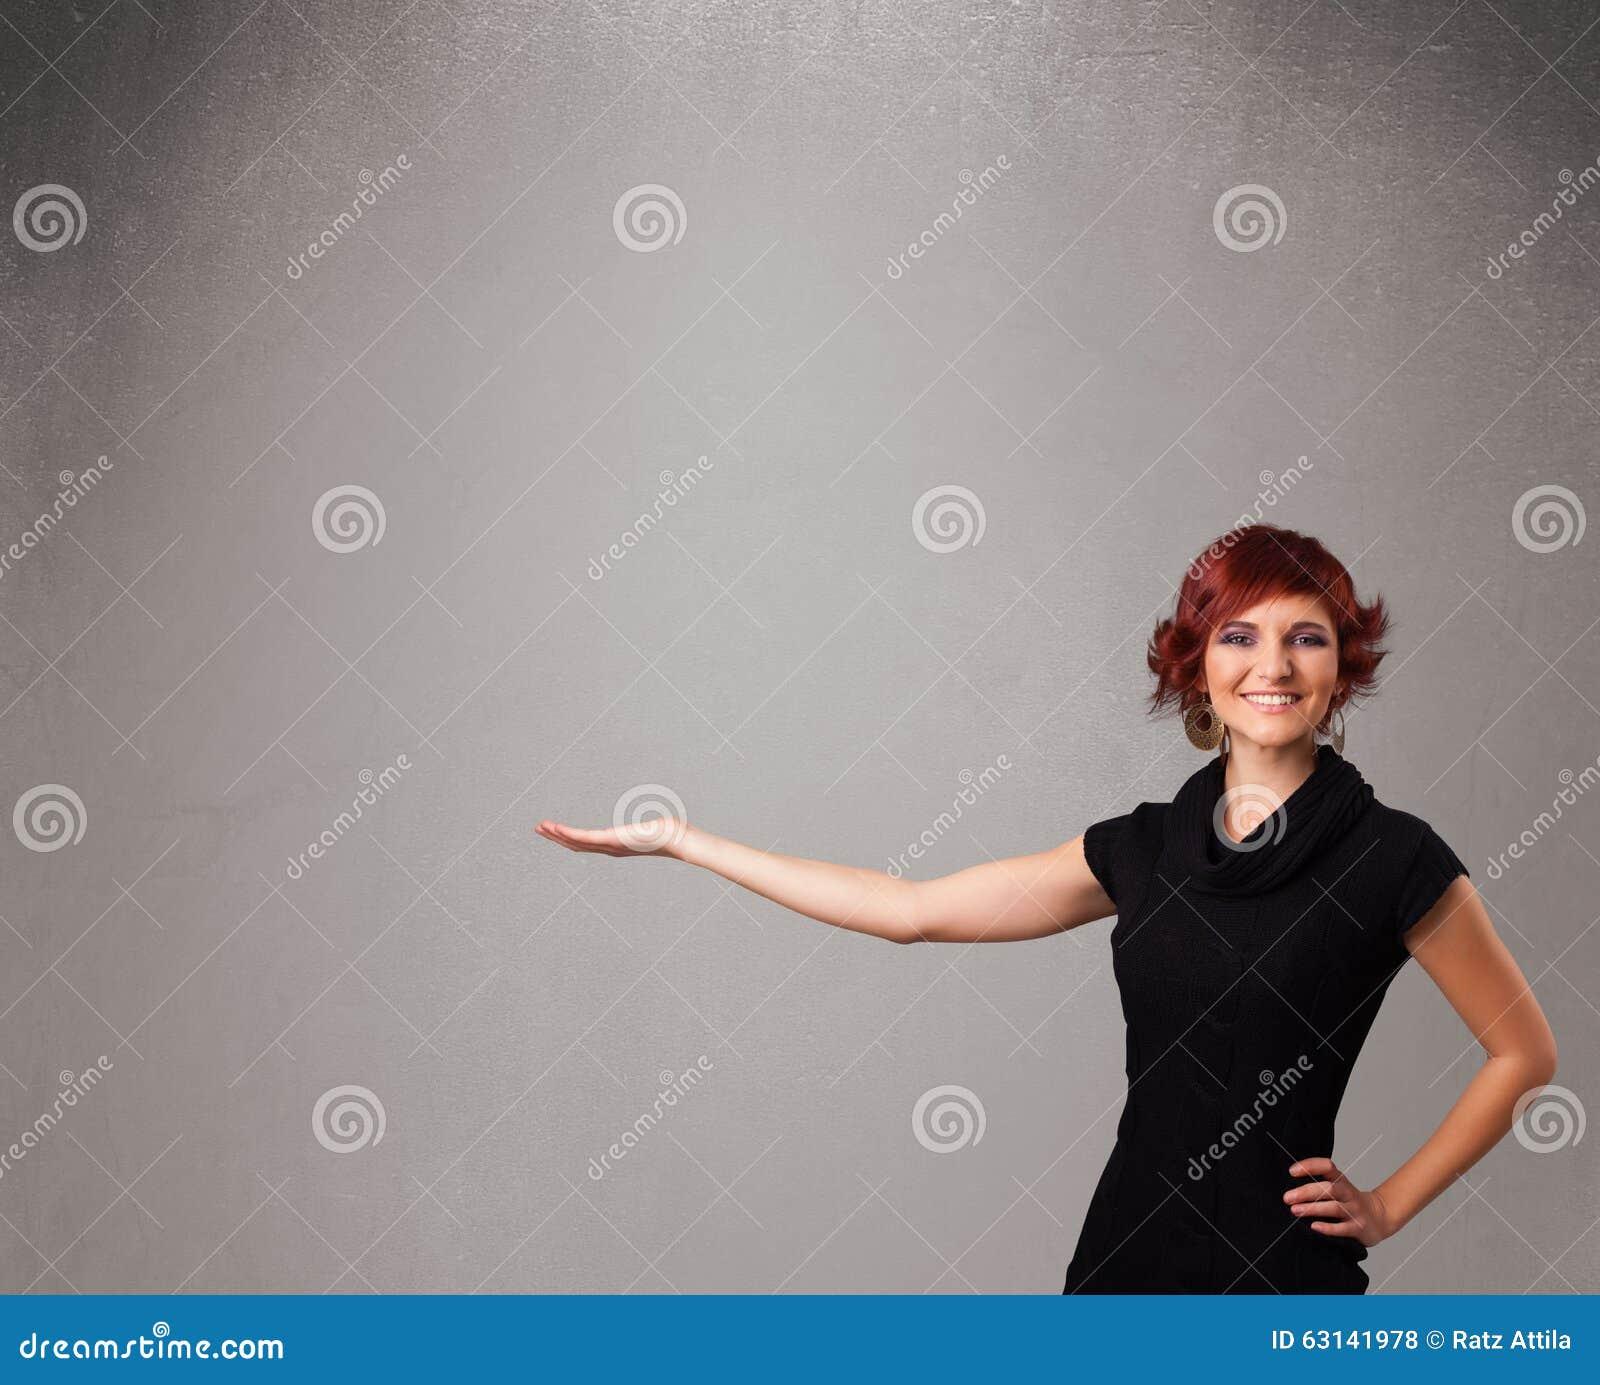 Mooie vrouw die een lege exemplaarruimte voorstellen